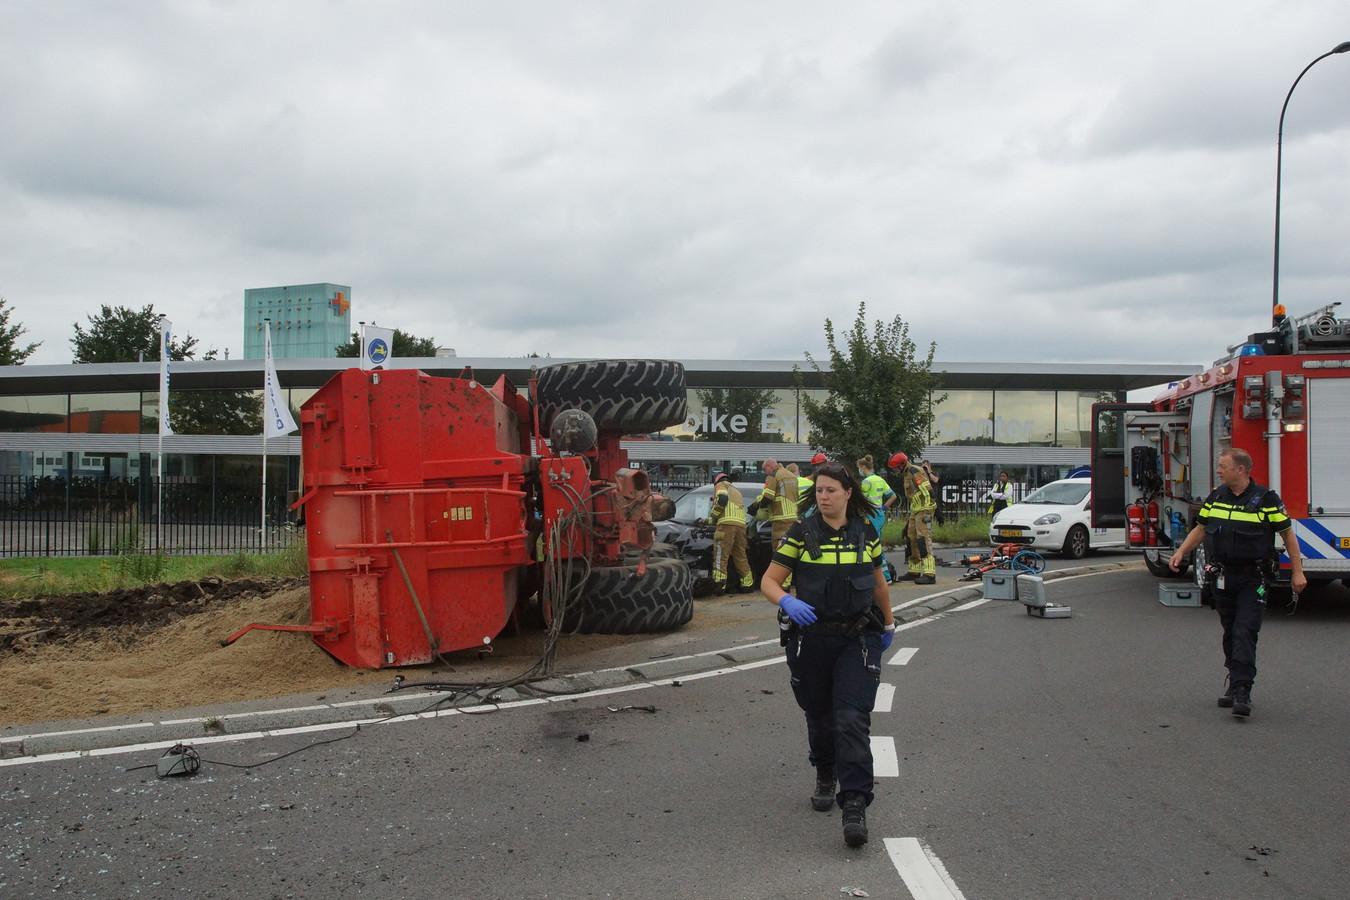 Een trekker met aanhanger en auto botsen op de Biesbosweg in Waalwijk.